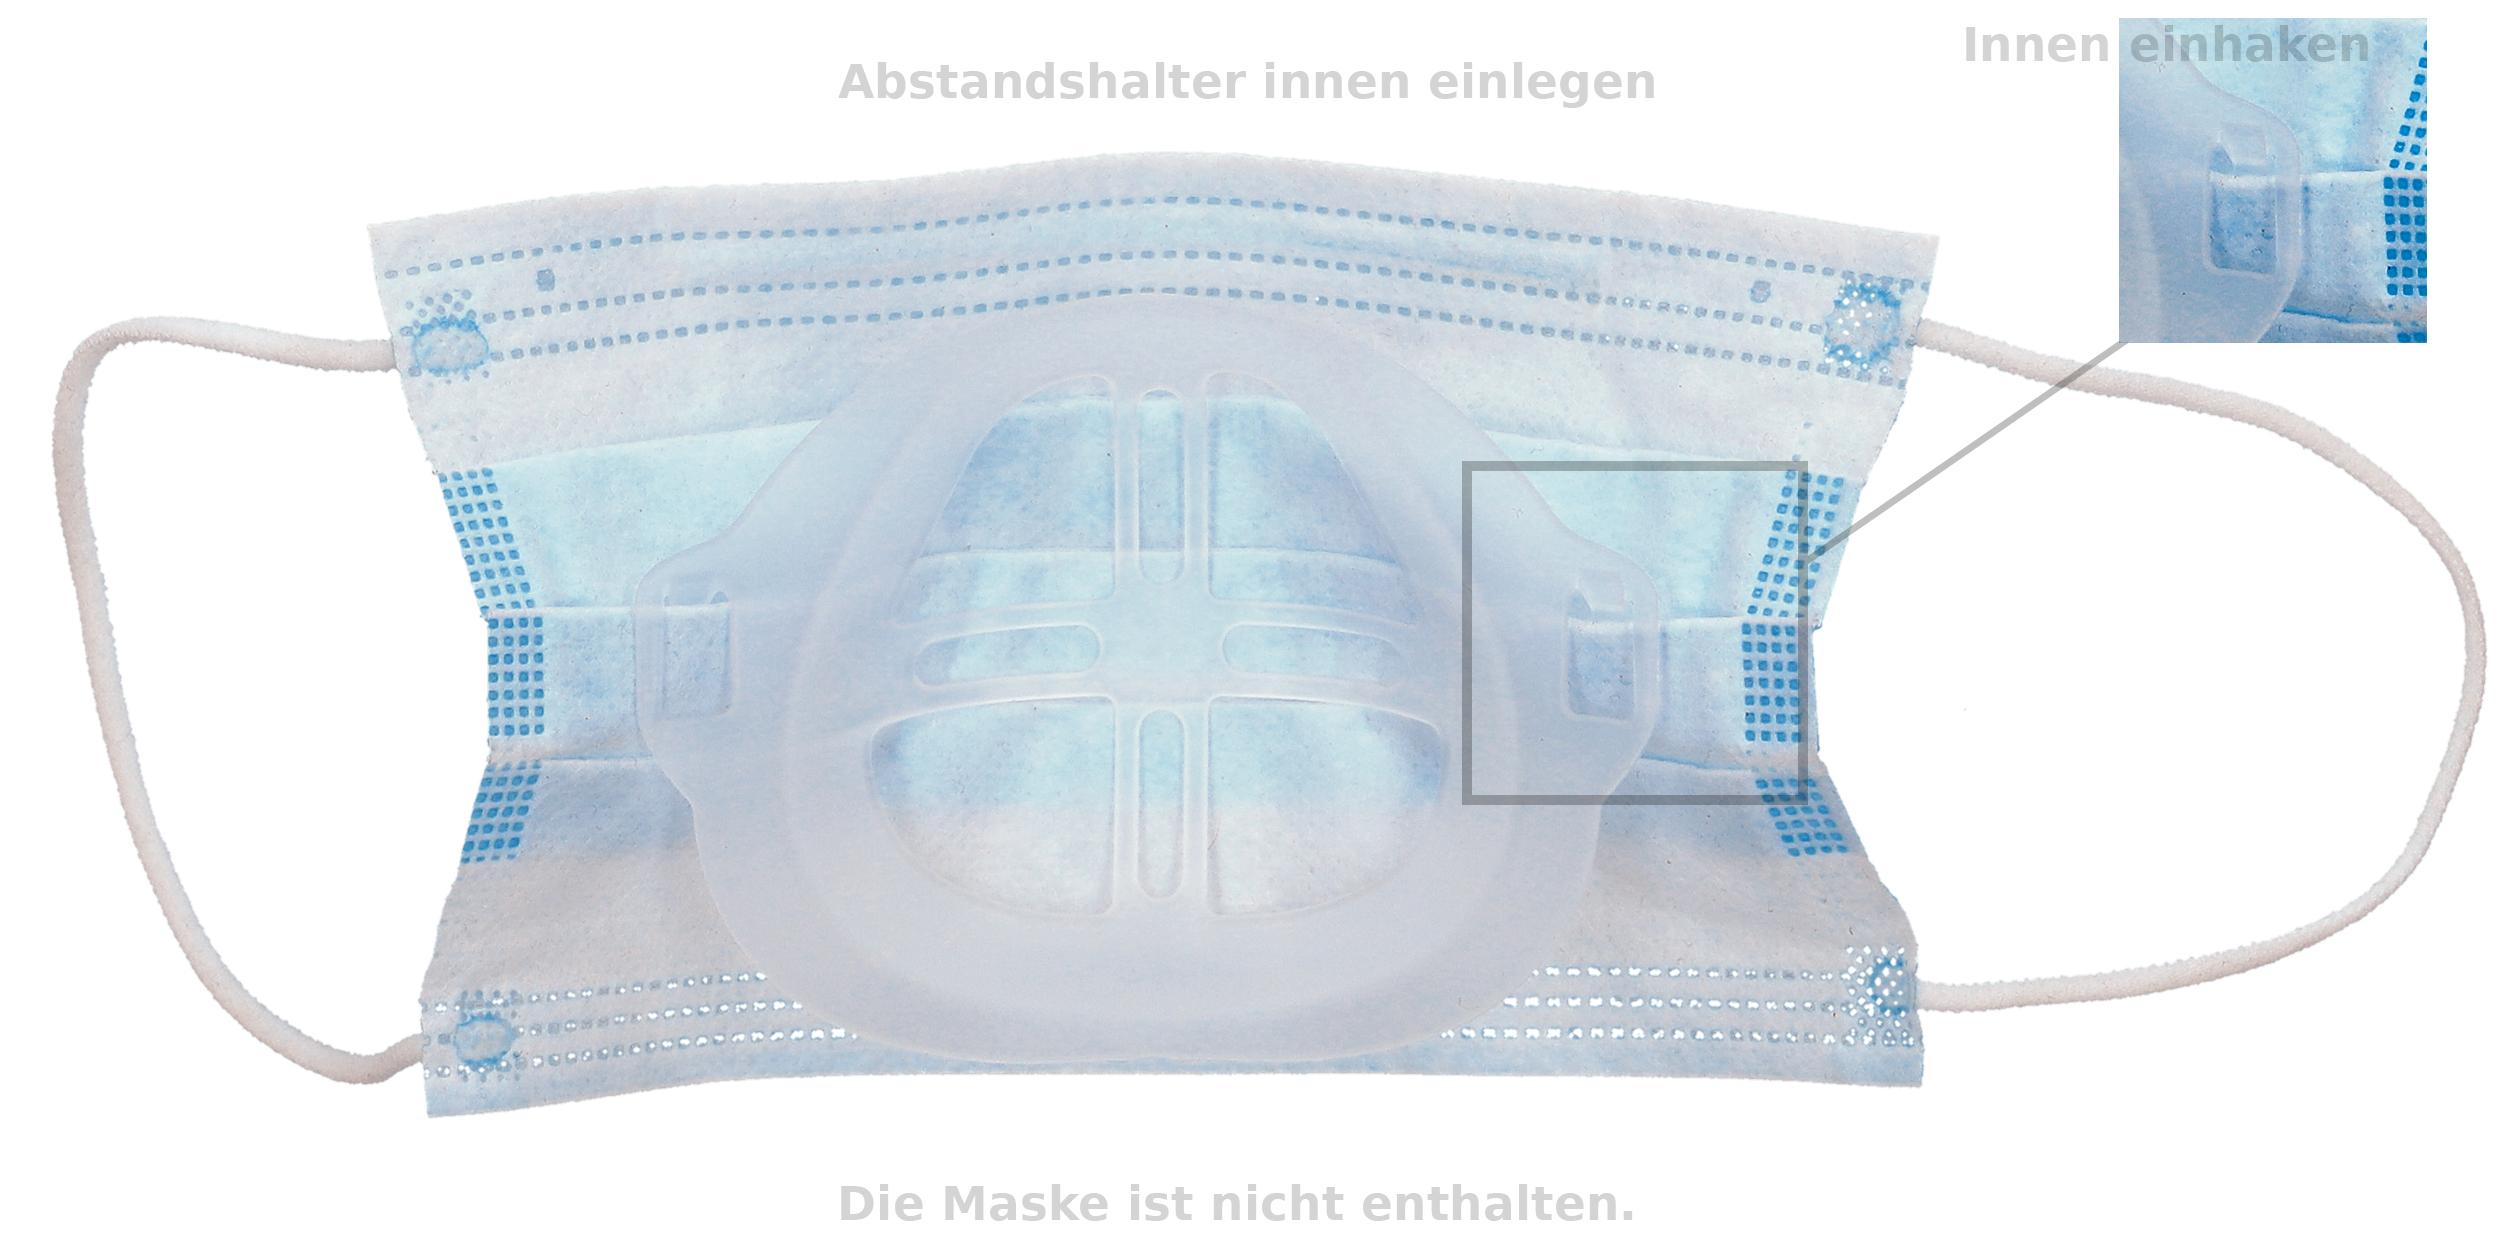 Indexbild 160 - Kinder Schlauchschal Maske Gesichtsmaske Mund Nase Bedeckung Halstuch waschbar